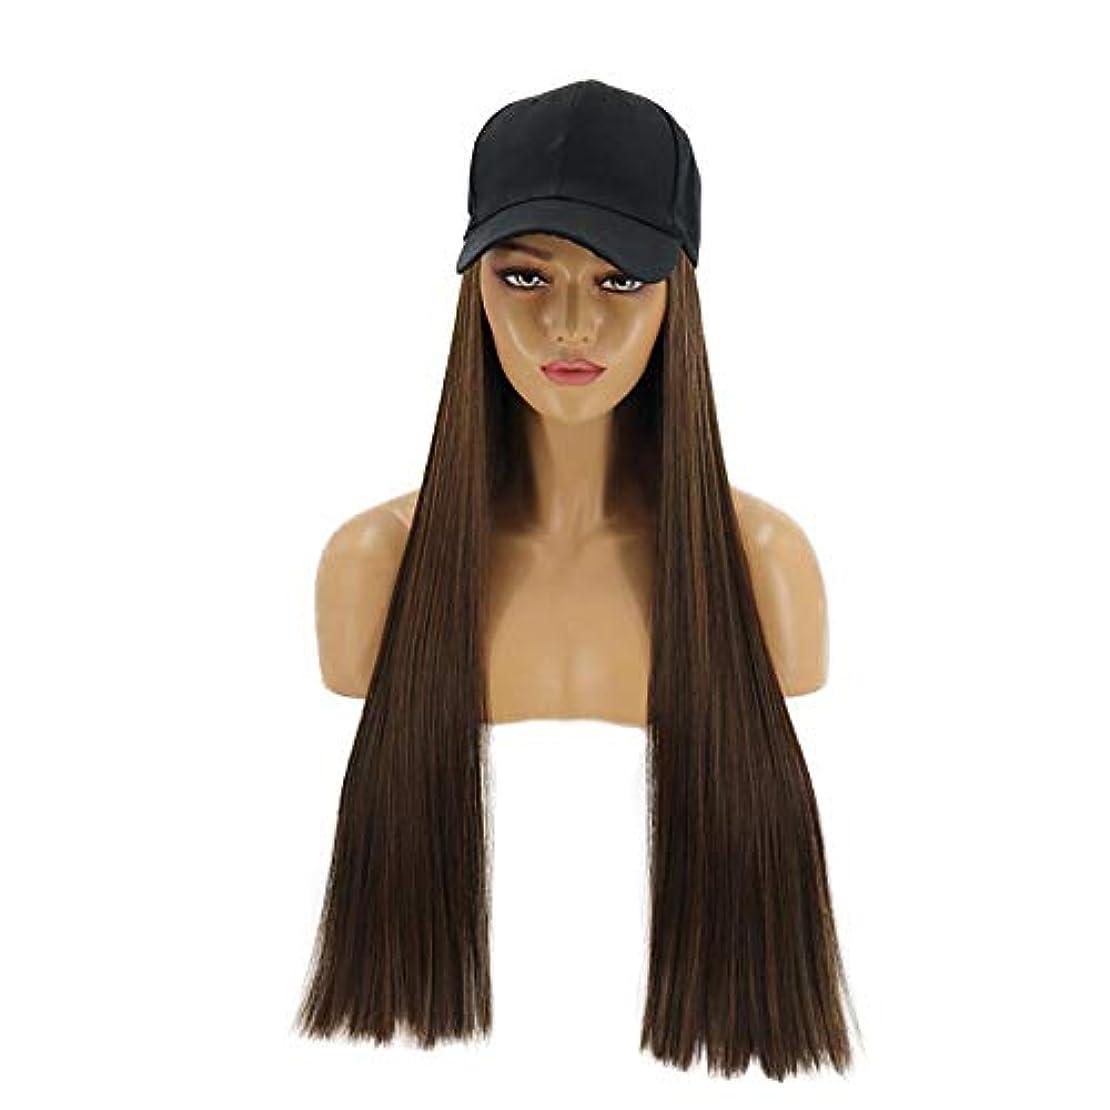 悲しみ人形消去HAILAN HOME-かつら ライトブラウンファッションの女性ウィッグワンピース帽子ウィッグ先見Unbowed髪ハット62センチメートルワンピース取り外し可能 (色 : Light brown)